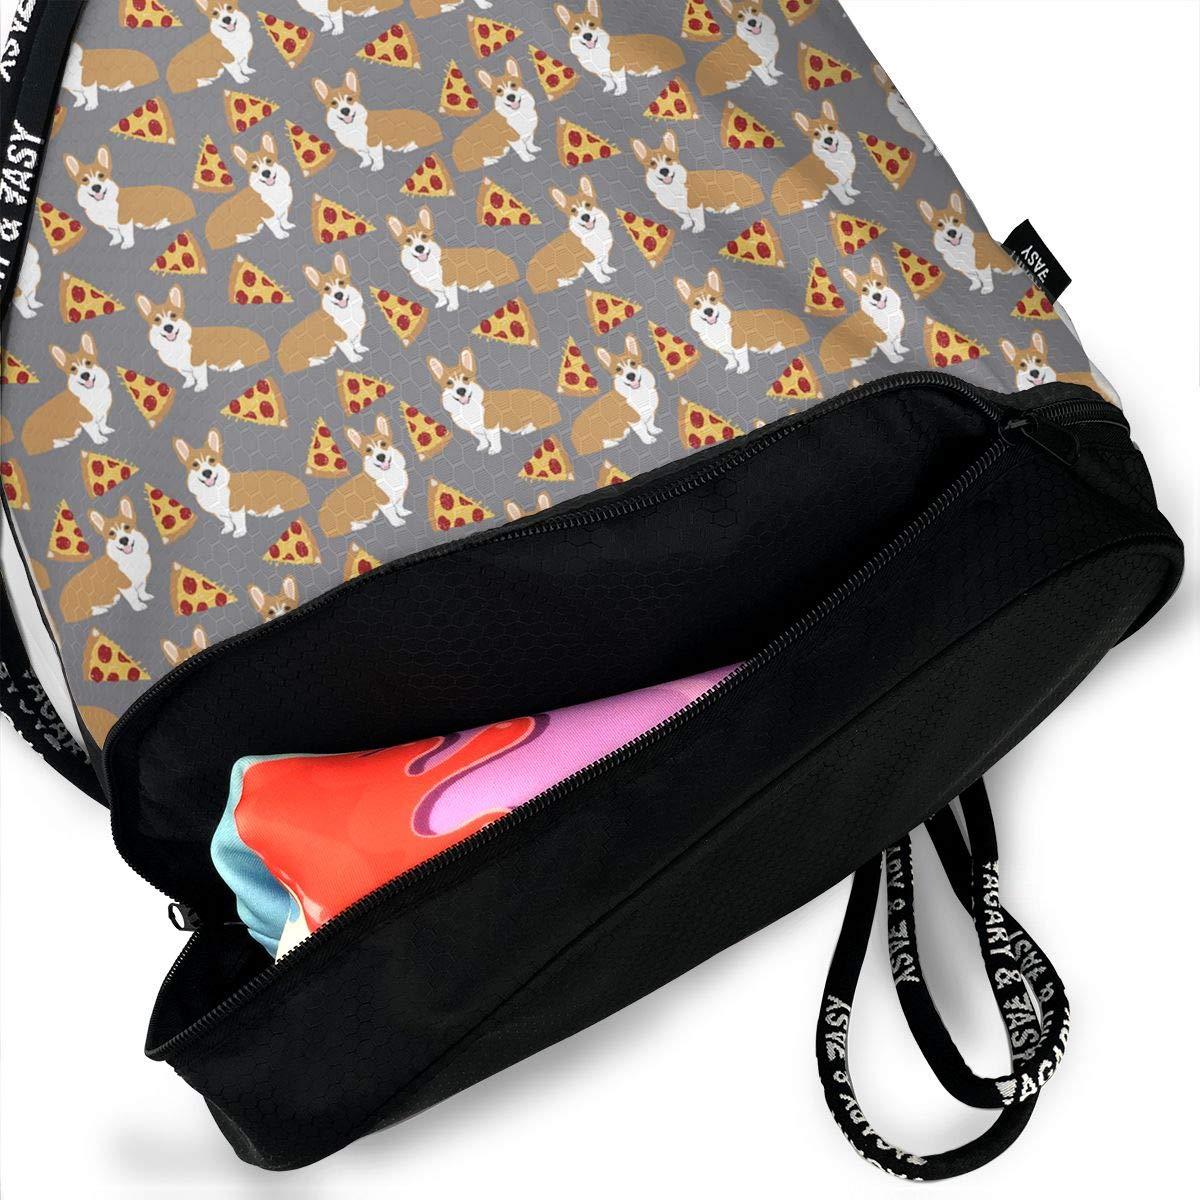 HUOPR5Q Corgi Pizza Grey Drawstring Backpack Sport Gym Sack Shoulder Bulk Bag Dance Bag for School Travel